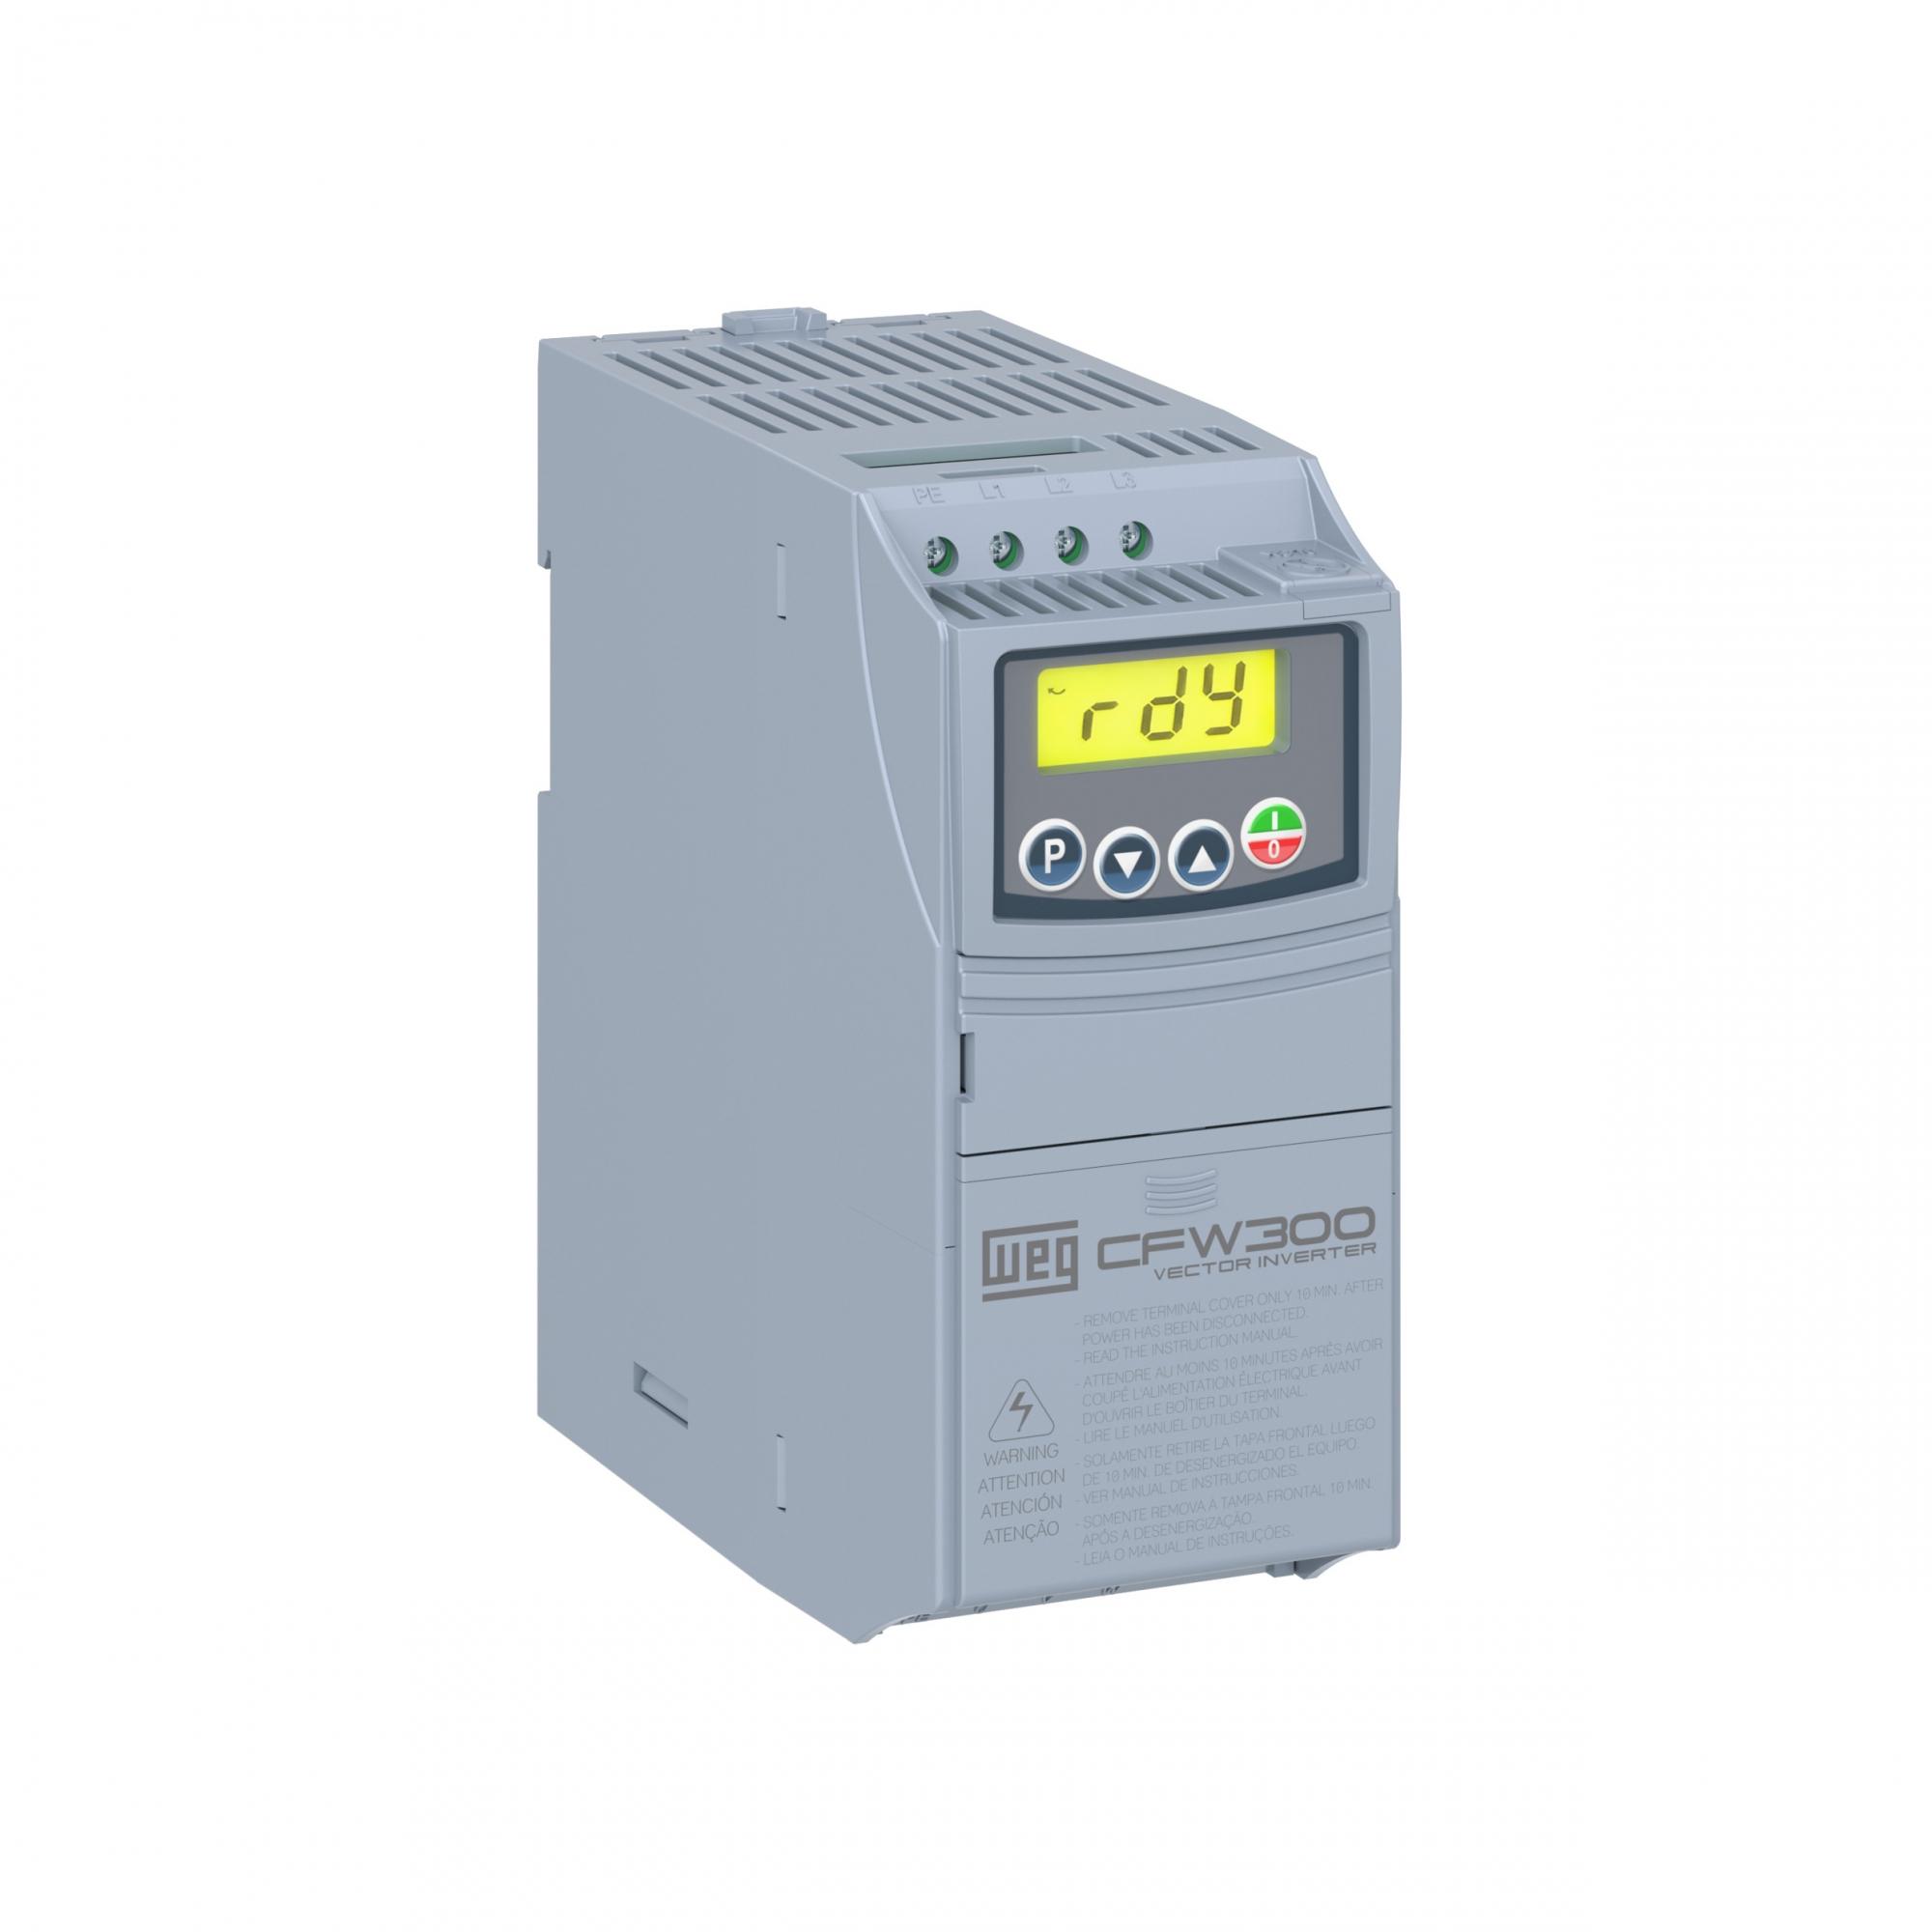 Inversor De Frequência WEG CFW300 A06P0S2Nb20 (entrega em 5 dias)